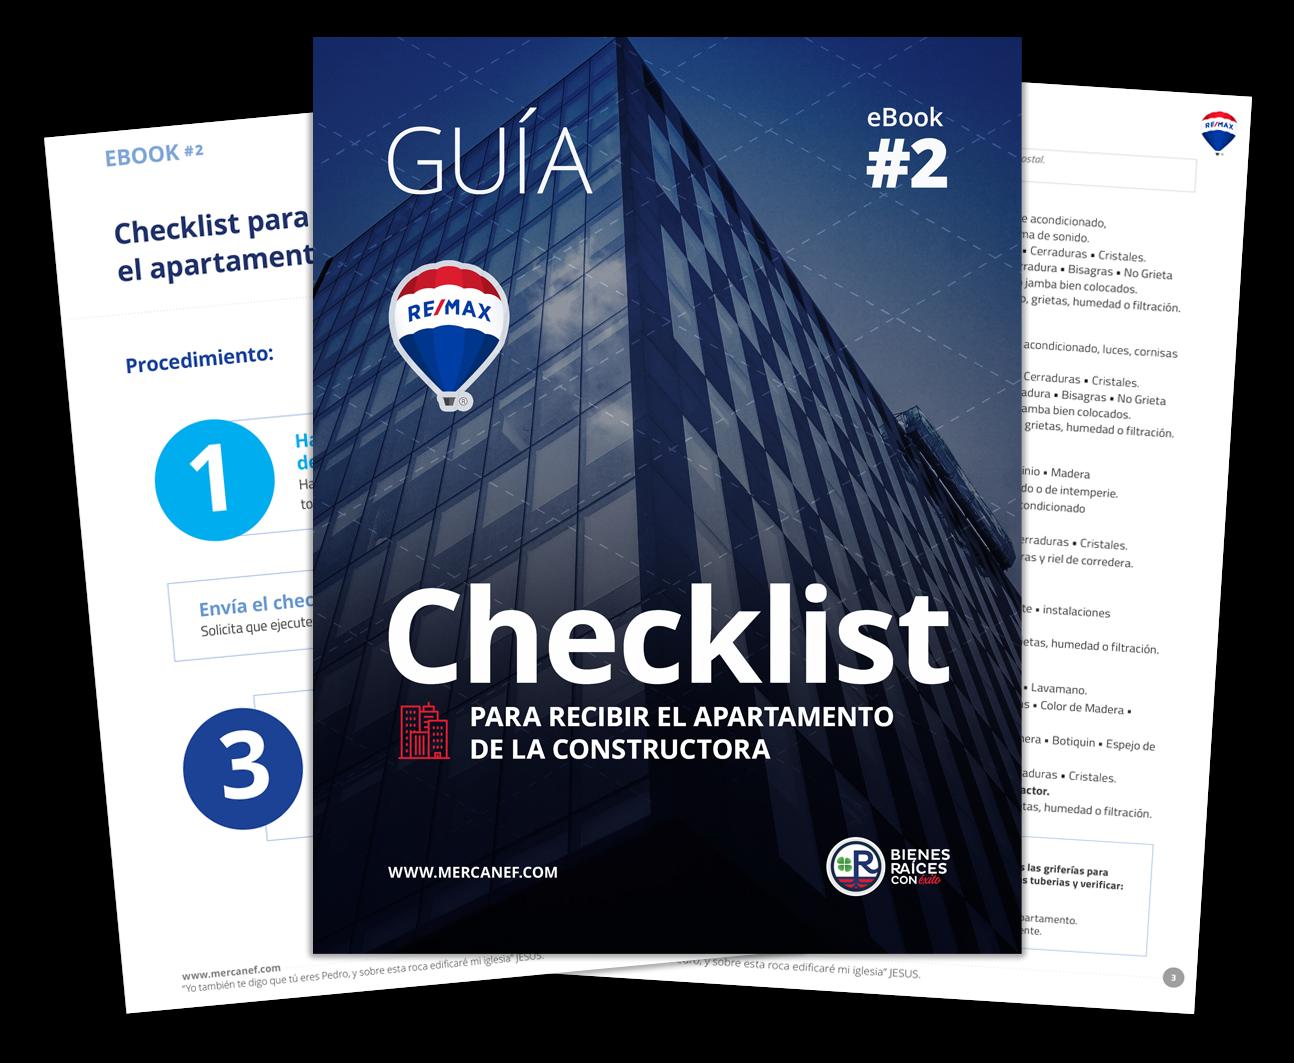 Checklist para recibir el apartamento de la constructora